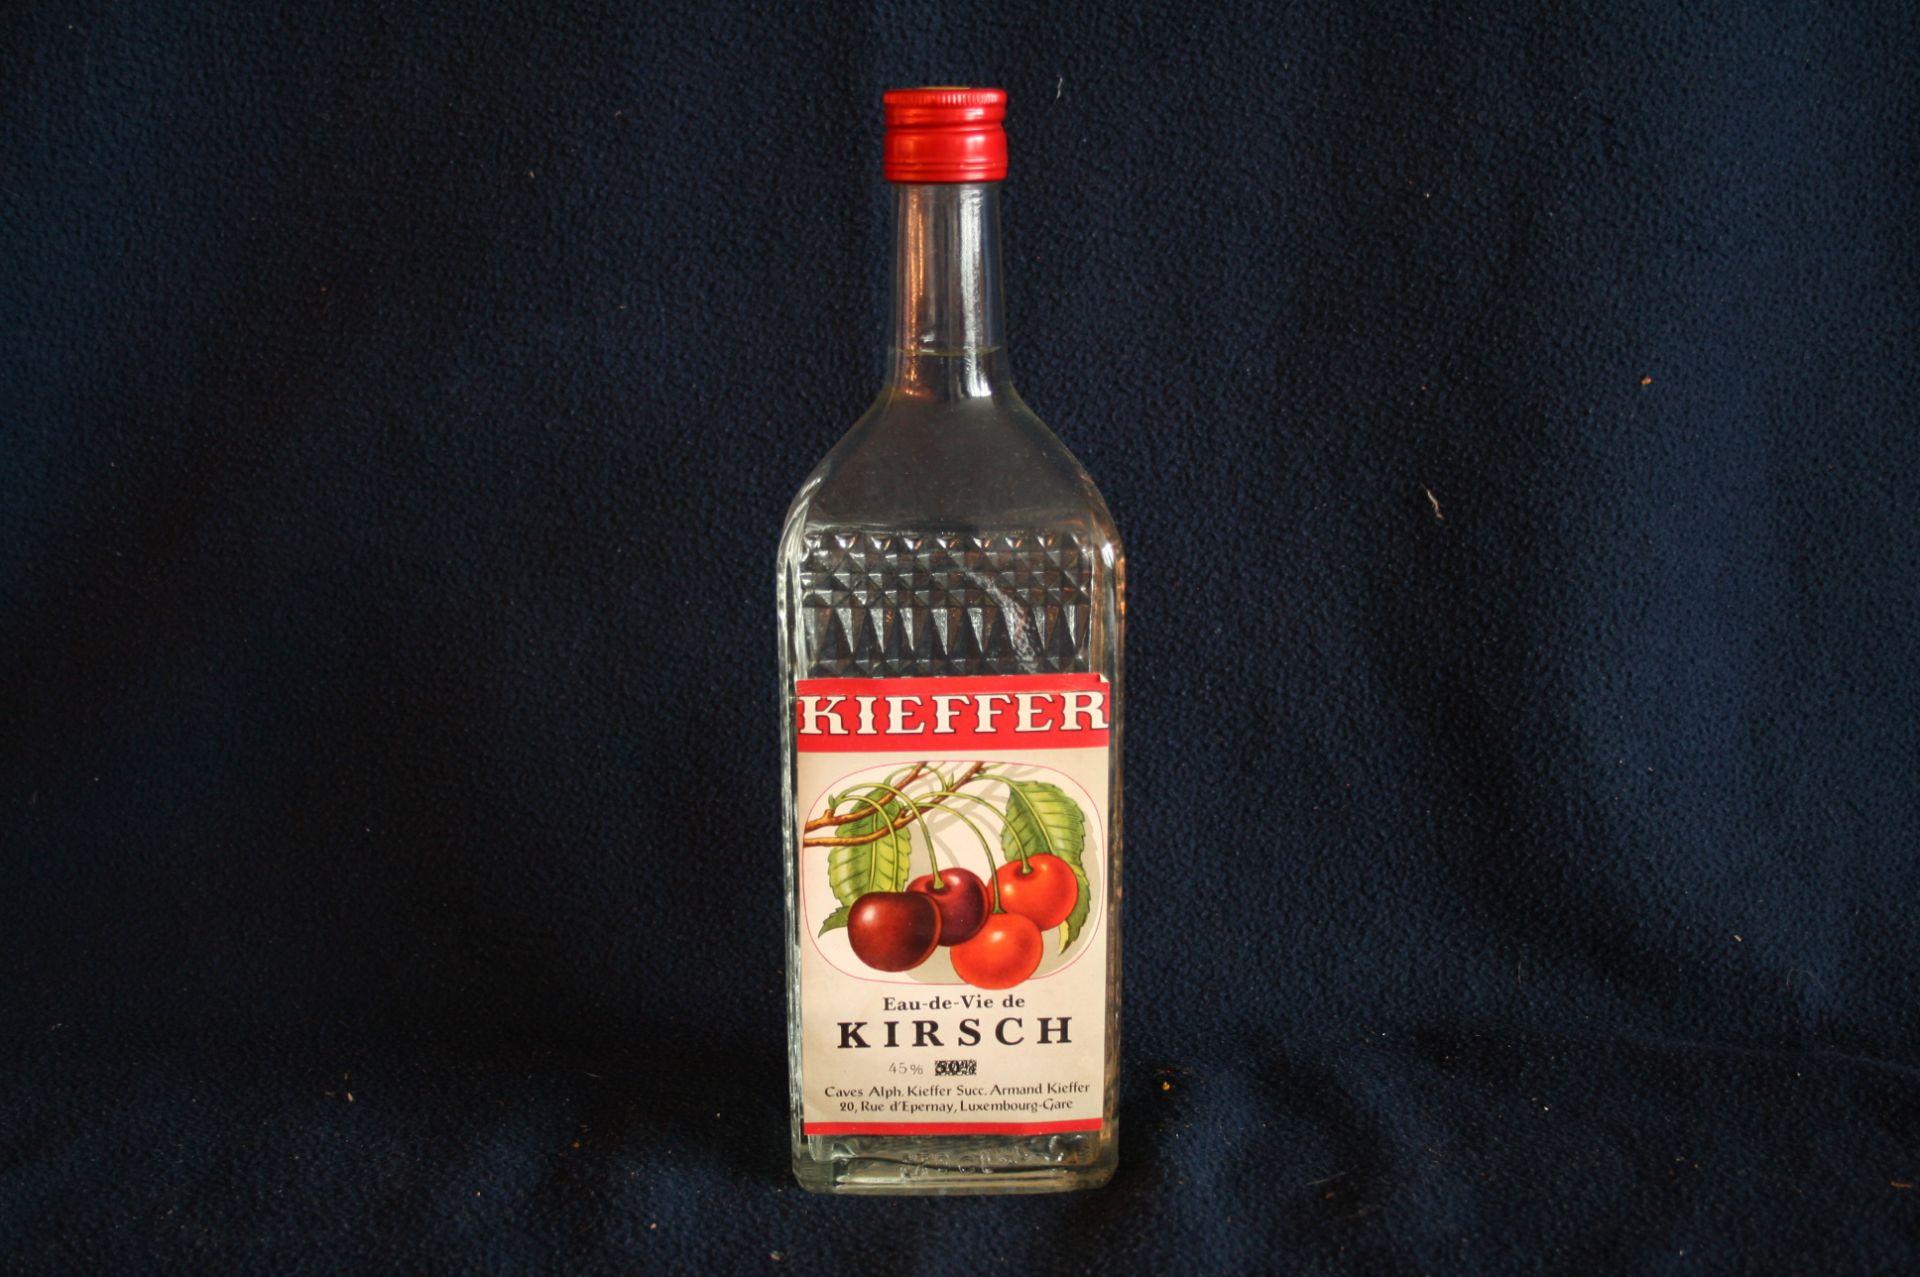 Los 23 - 1 bouteille d'Eau-De-Vie luxembourgeoise, KIRSCH, Caves Alph. Kieffer à [...]